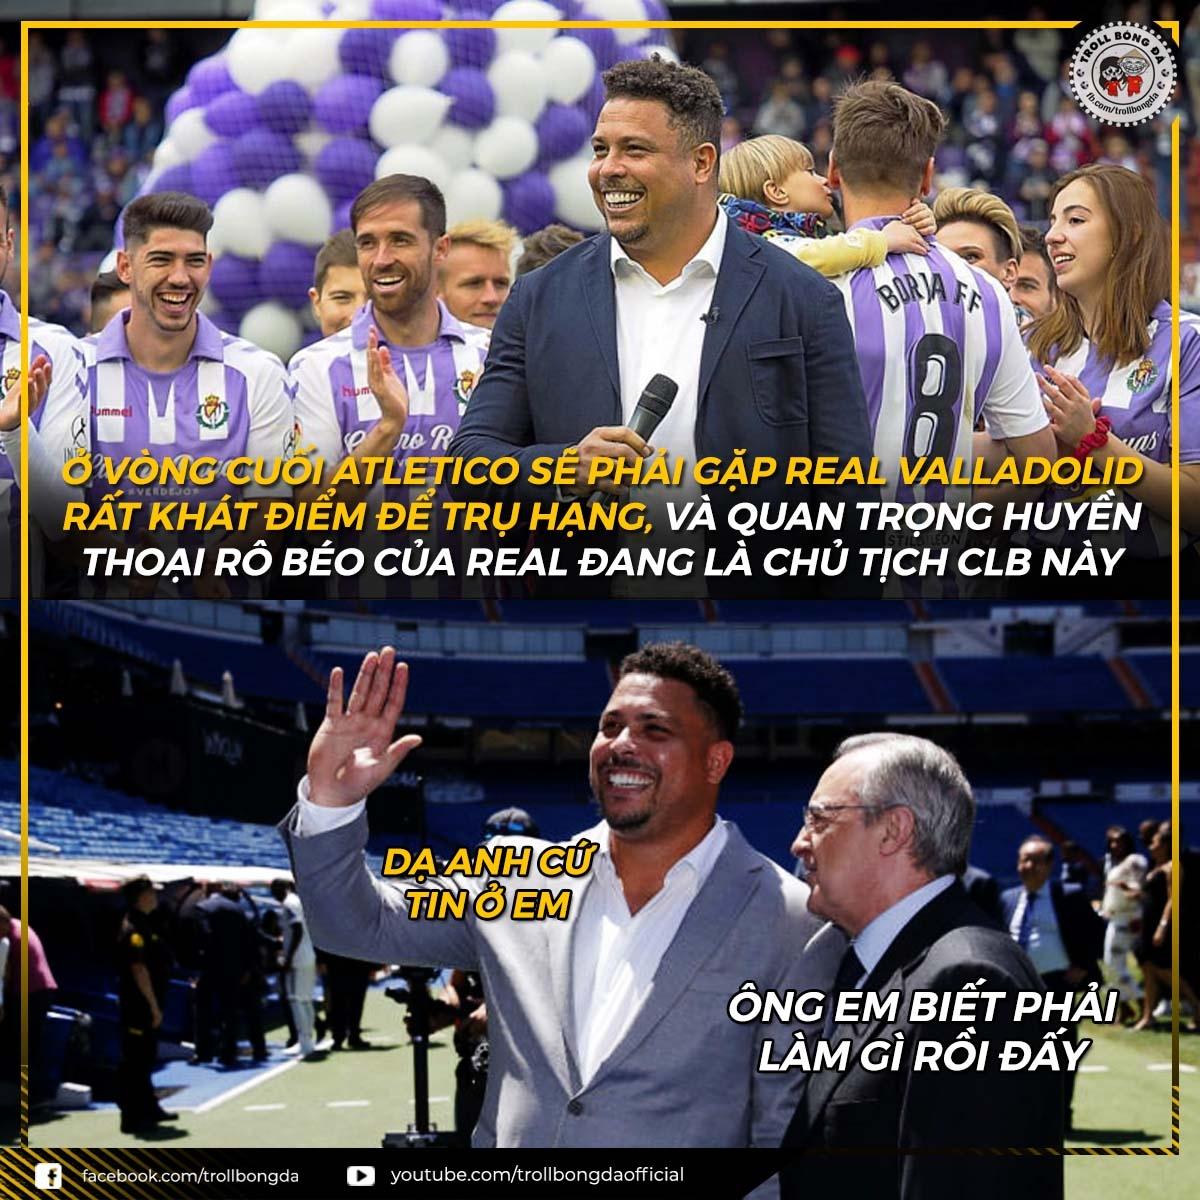 """Real Madrid có """"điệp viên"""" ở vòng cuối La Liga (Ảnh: Troll bóng đá)./."""